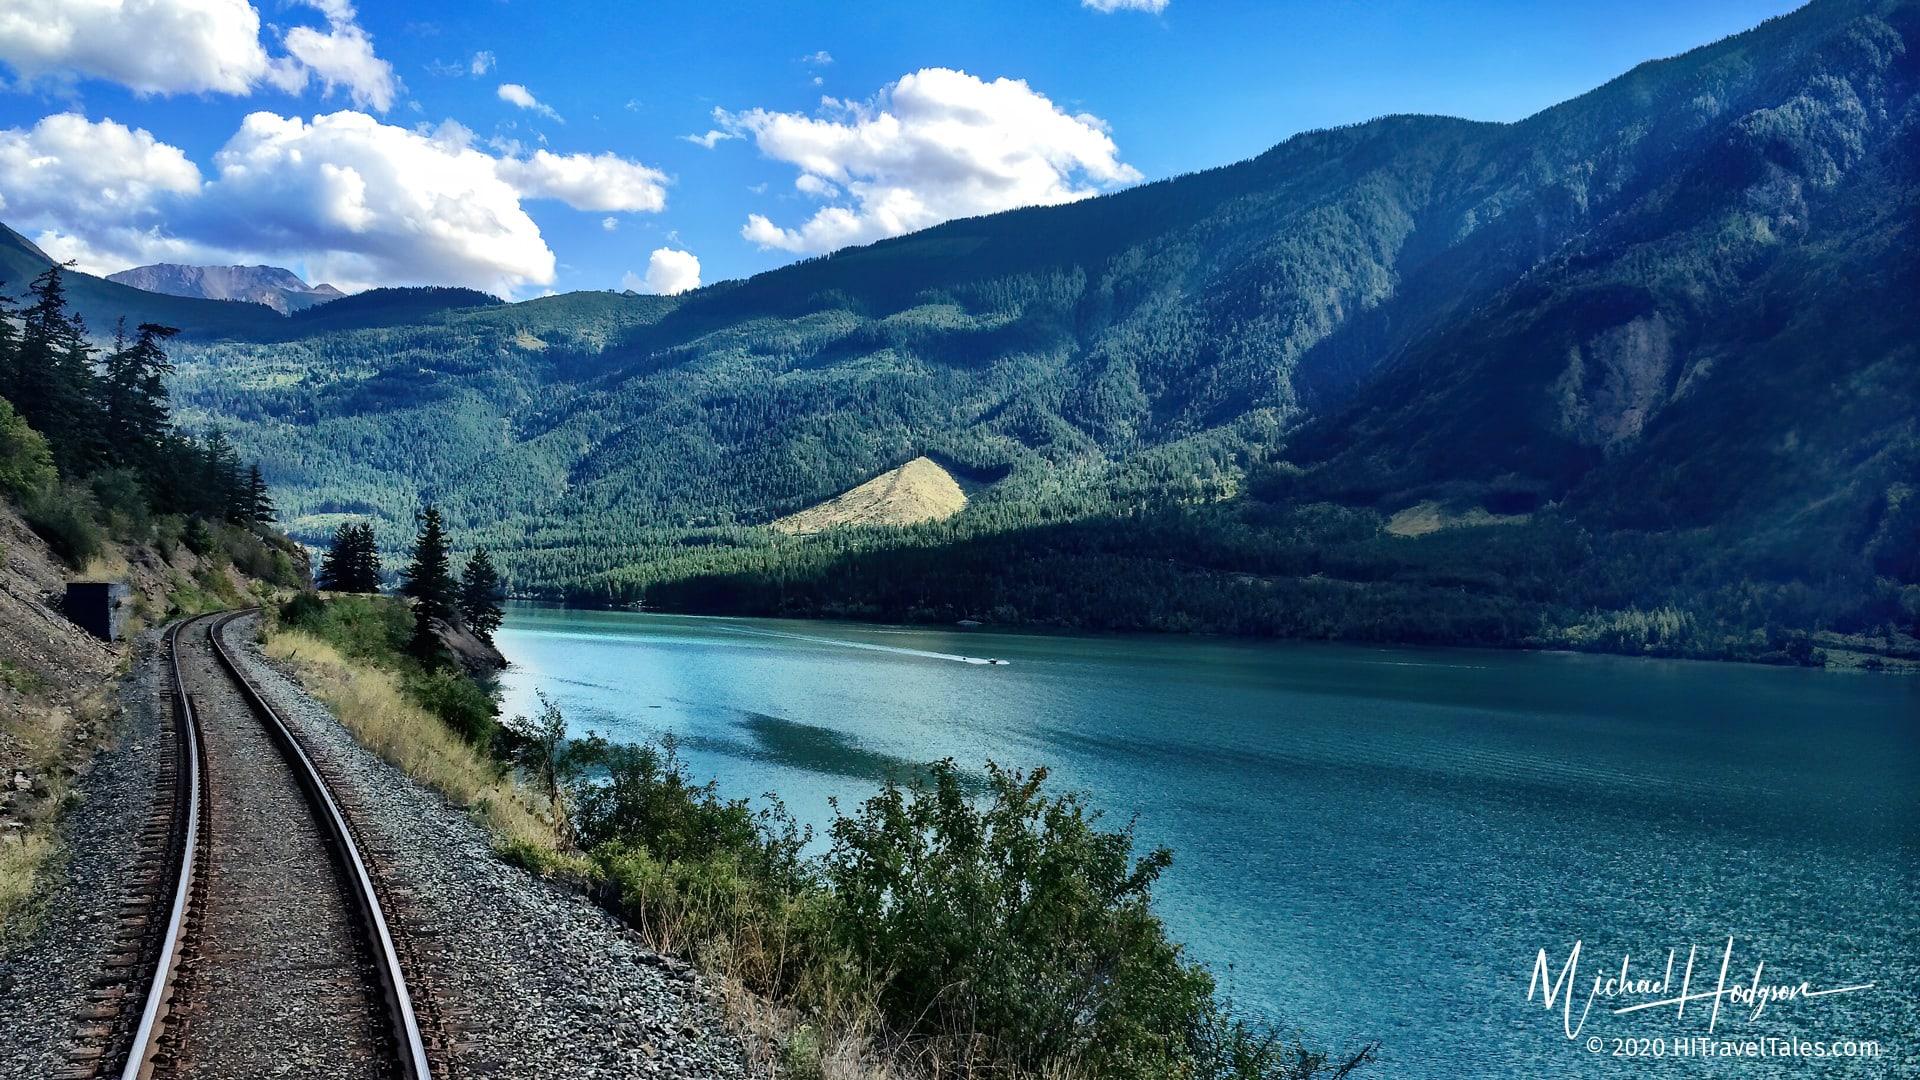 Train Tracks Alongside Water On A Rocky Mountaineer Luxury Train